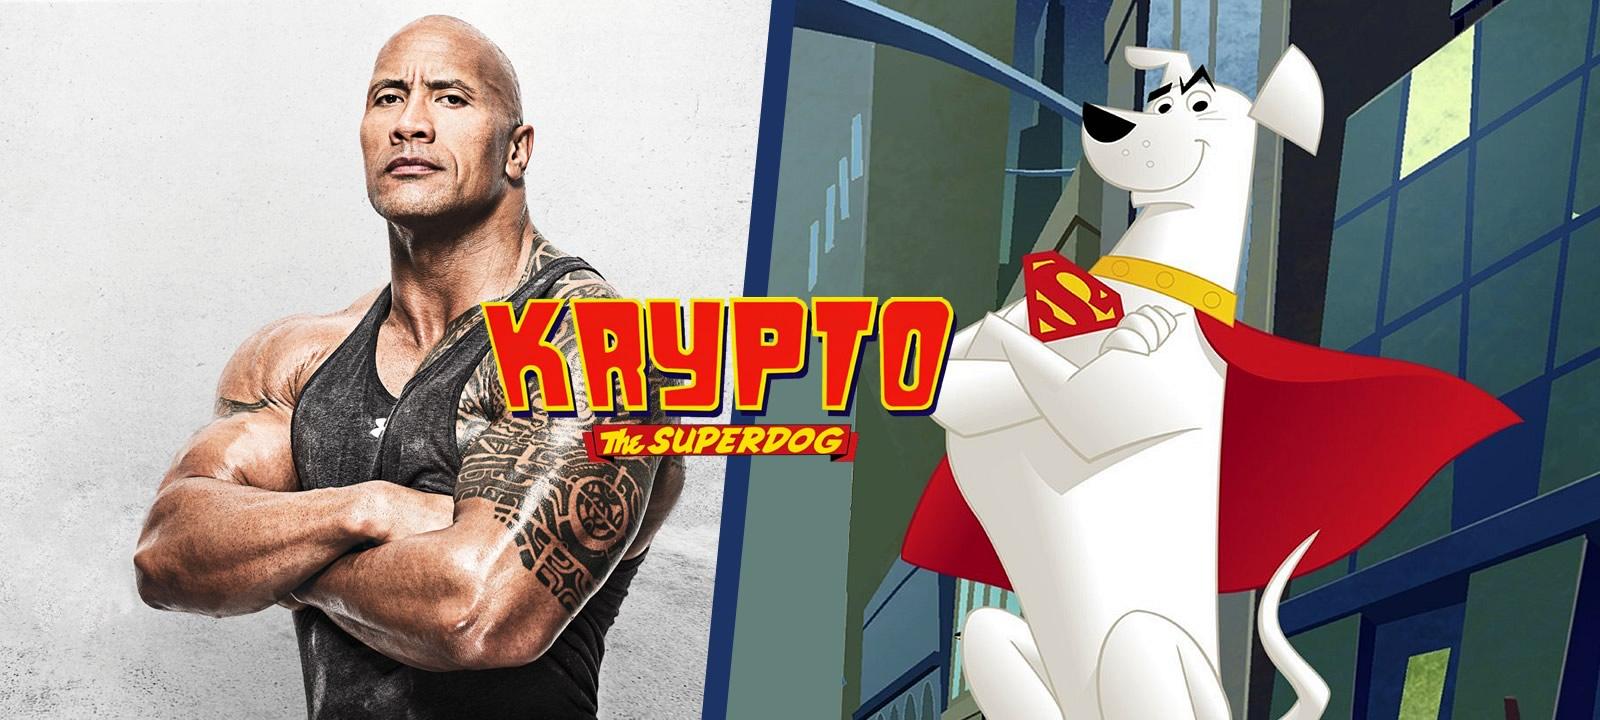 DC League of Super-Pets | Dwayne Johnson emprestará sua voz para Krypto, o Supercão